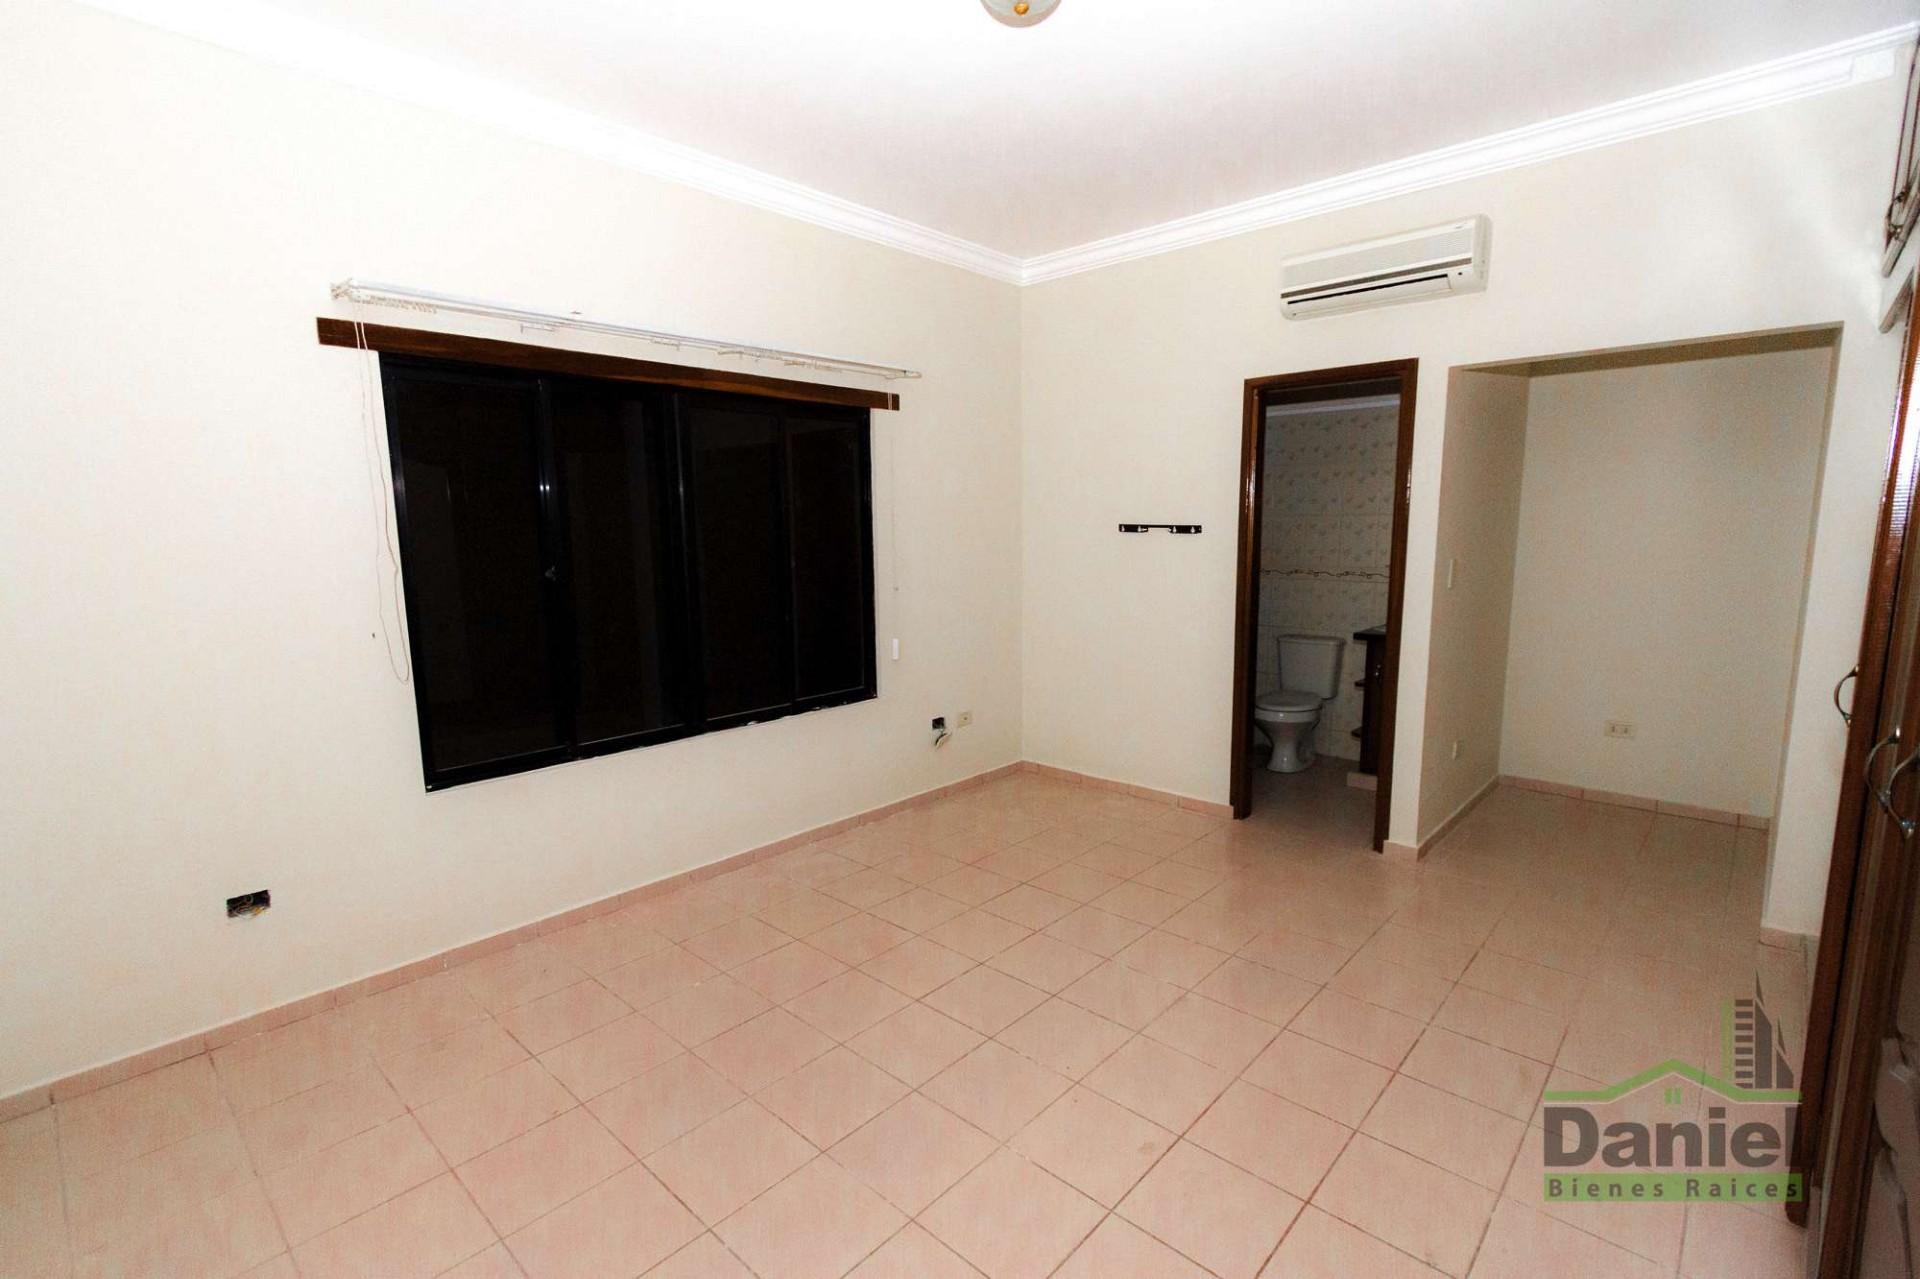 Casa en Venta CASA GRANDE ENTRE 4TO Y 5TO ANILLO RADIAL 27 Foto 16